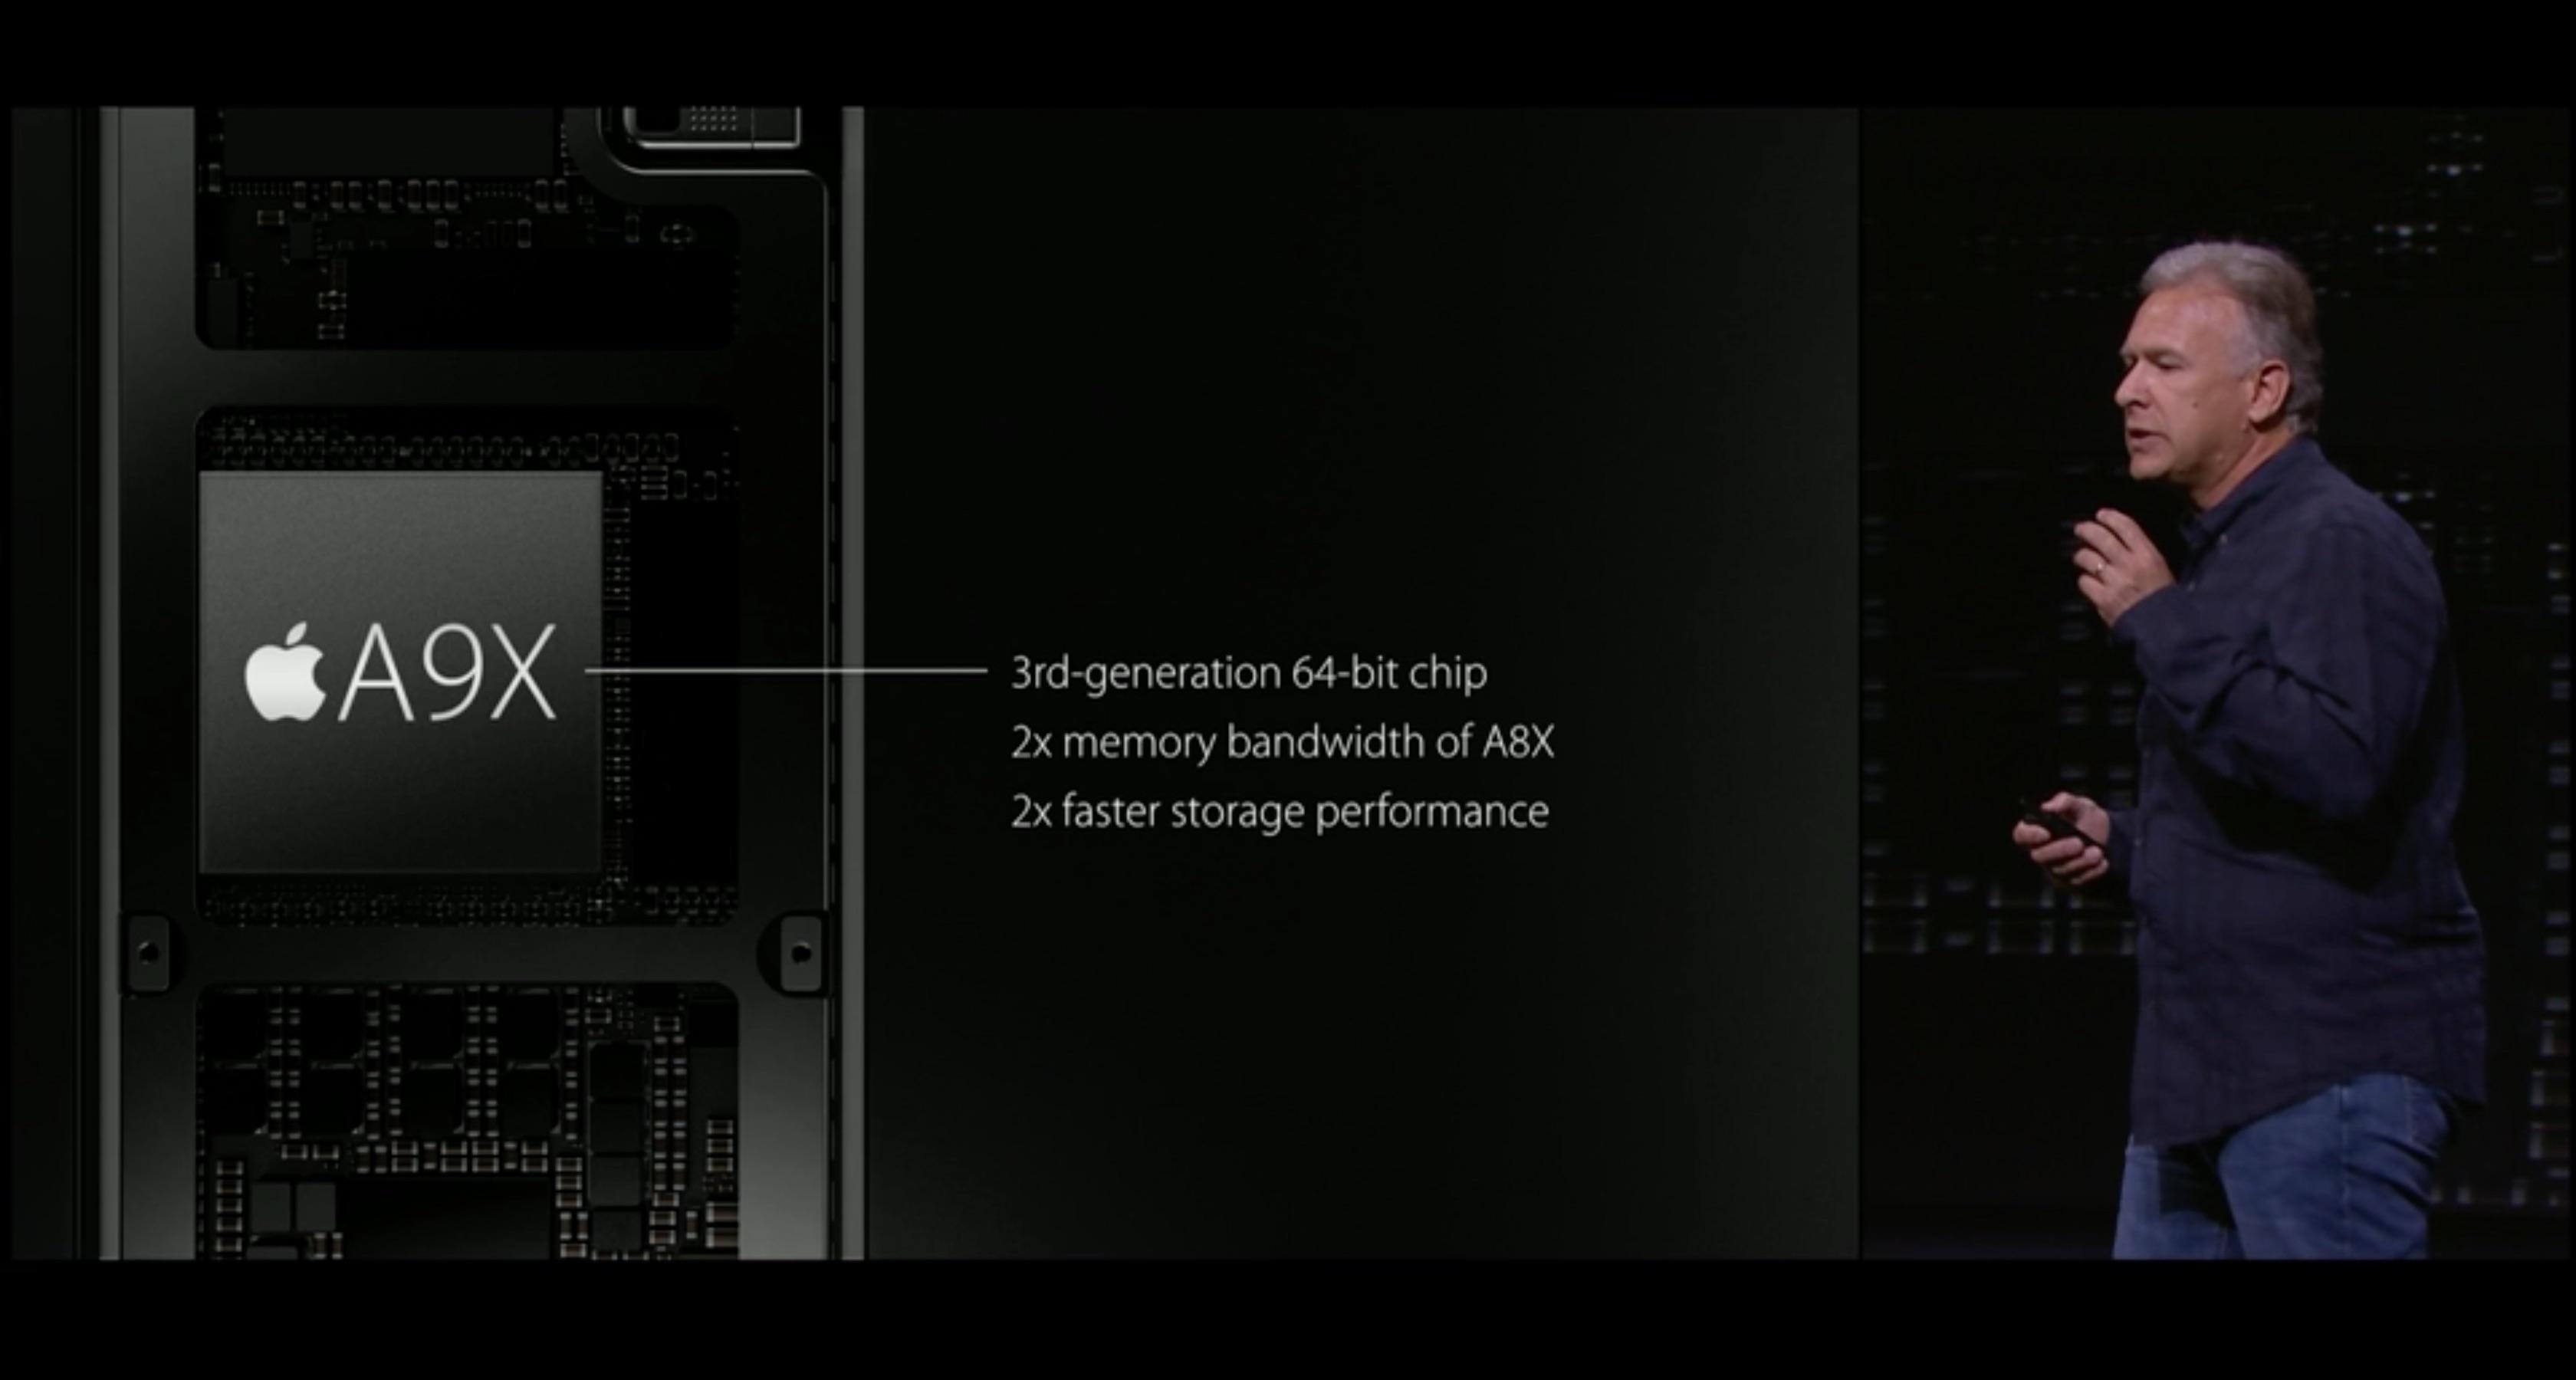 iPad Pro A9x